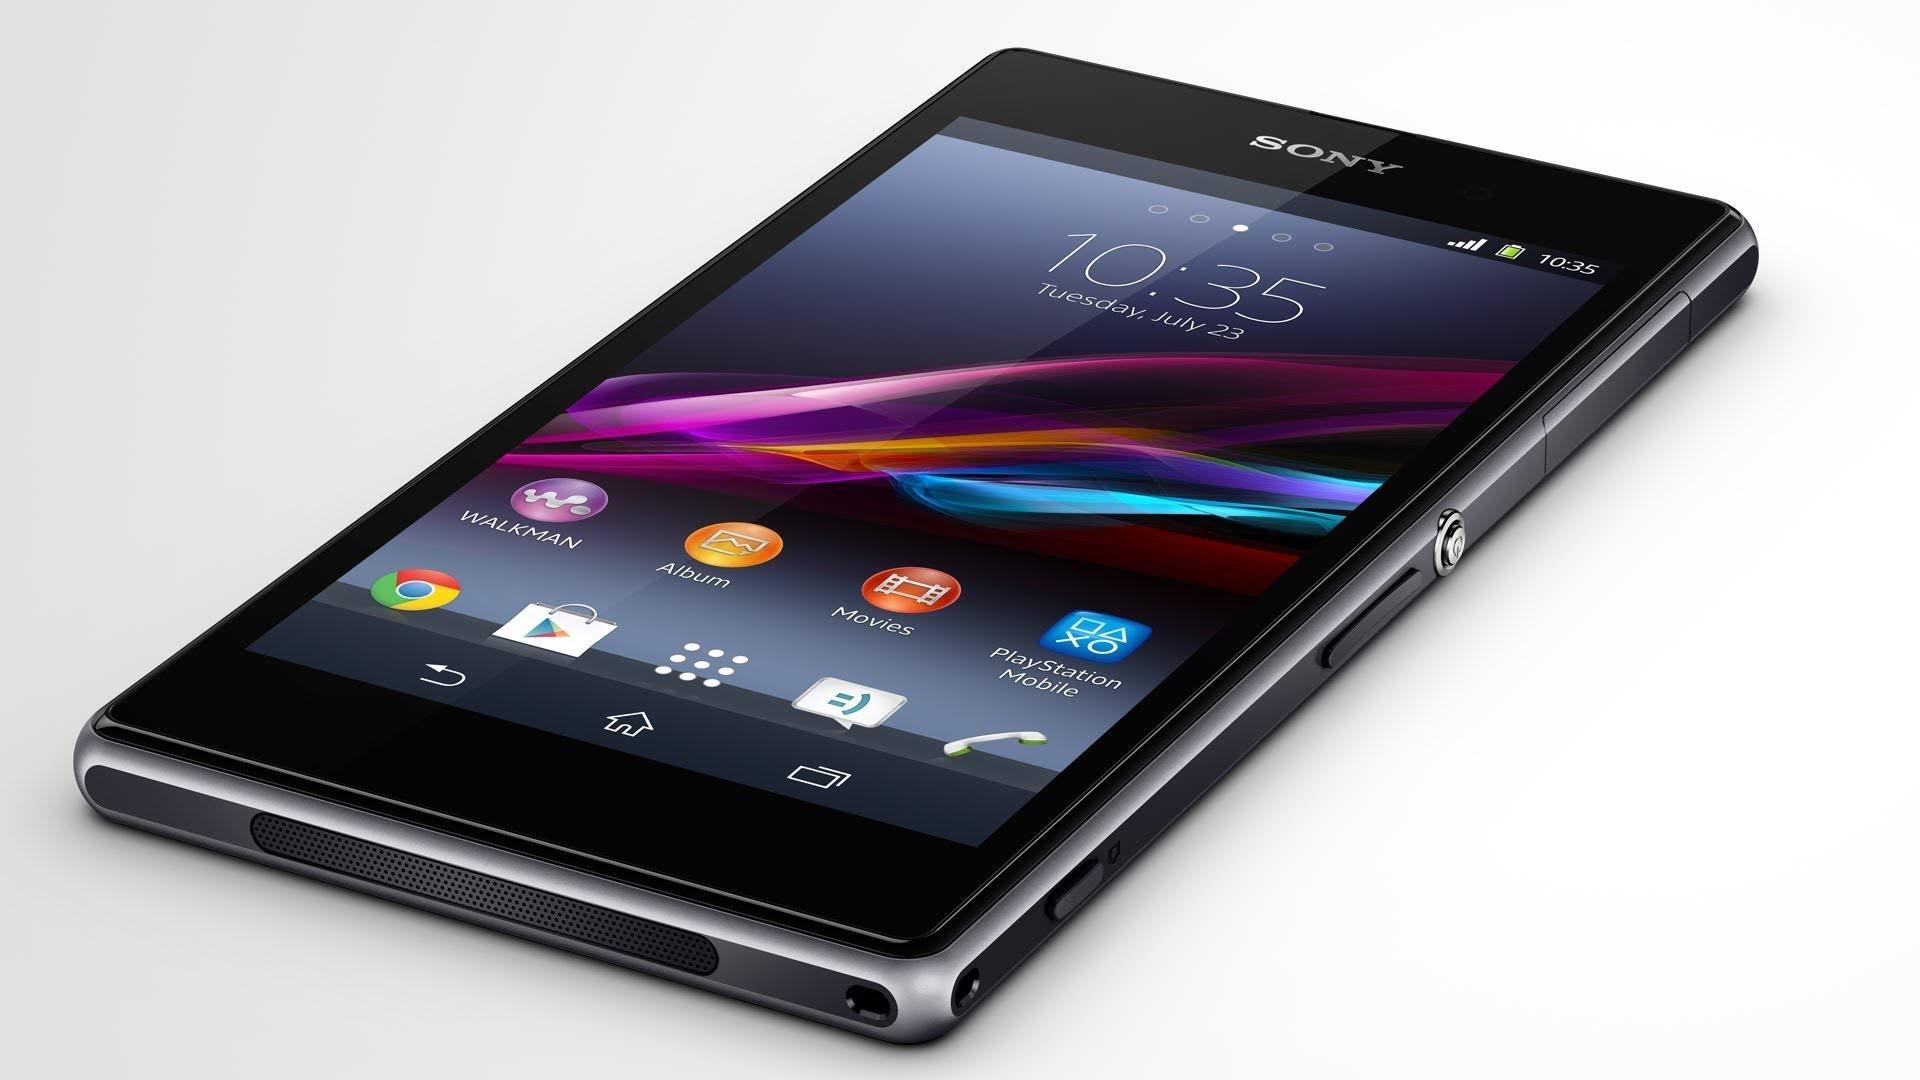 Загадочный смартфон Сони XperiaZG Compact показался вбенчмарке